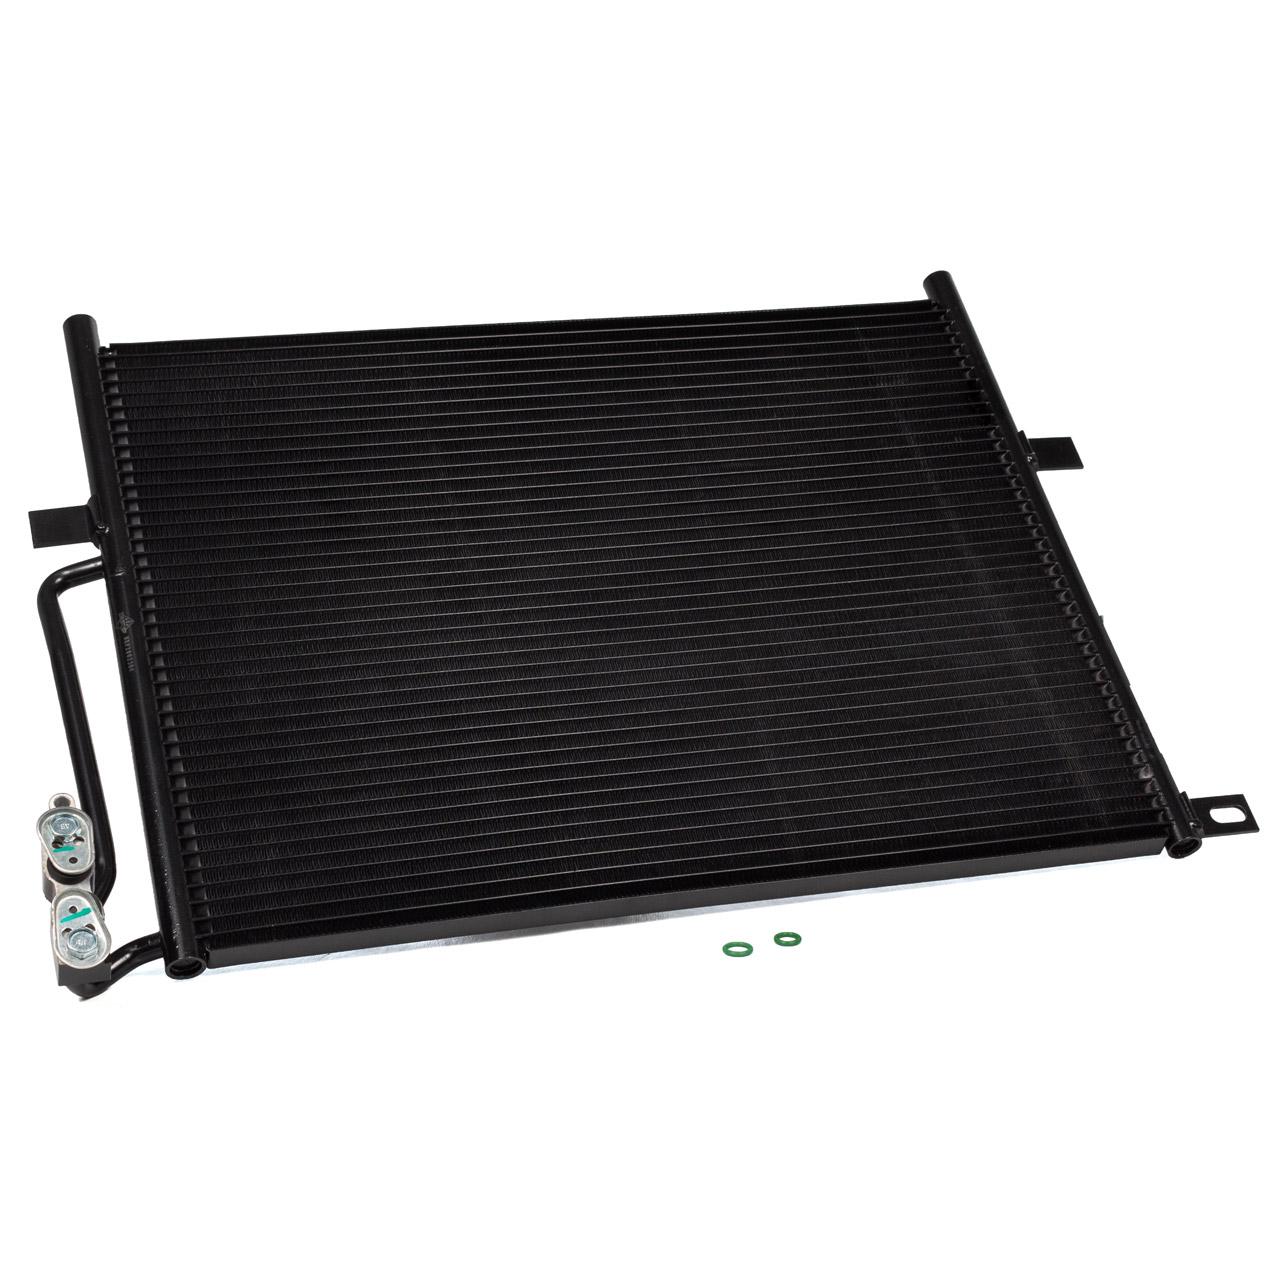 NRF 35589 EASY FIT Kondensator Klima BMW E46 316i-330i Z4 E85 E86 2.0i-3.0i 64536914033